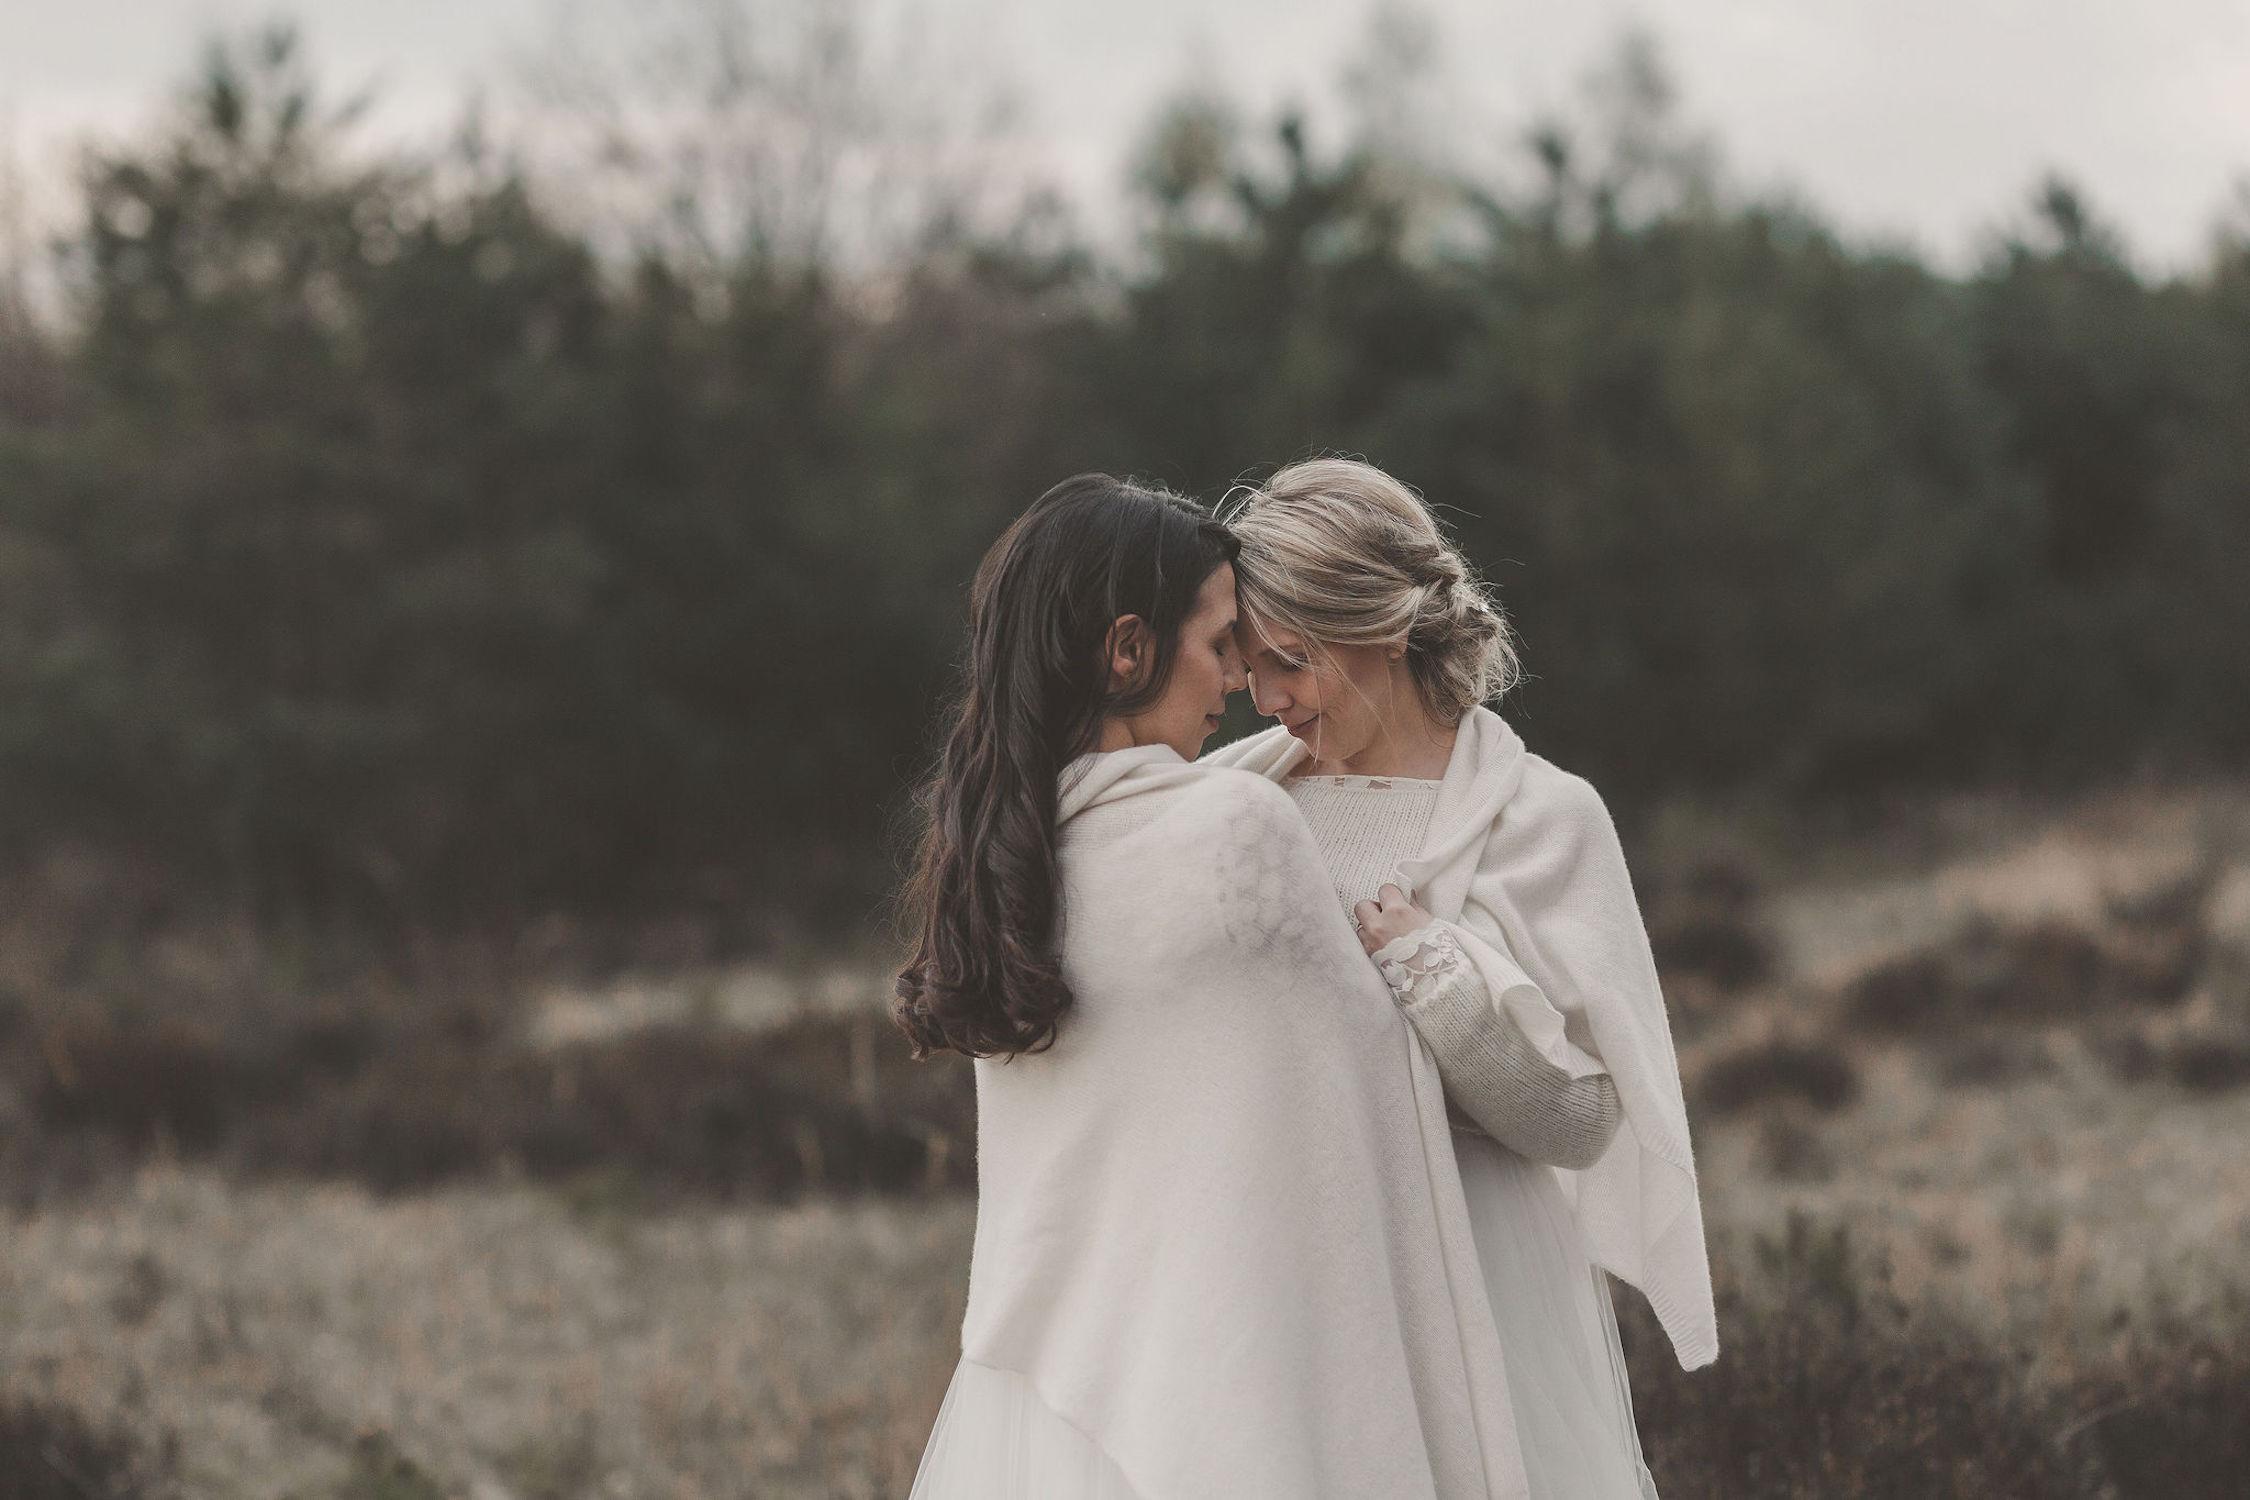 noni Brautmode, Styled Shoot mit lesbischem Brautpaar, sich umarmend, mit weißer Brautstola umeinander geschlungen